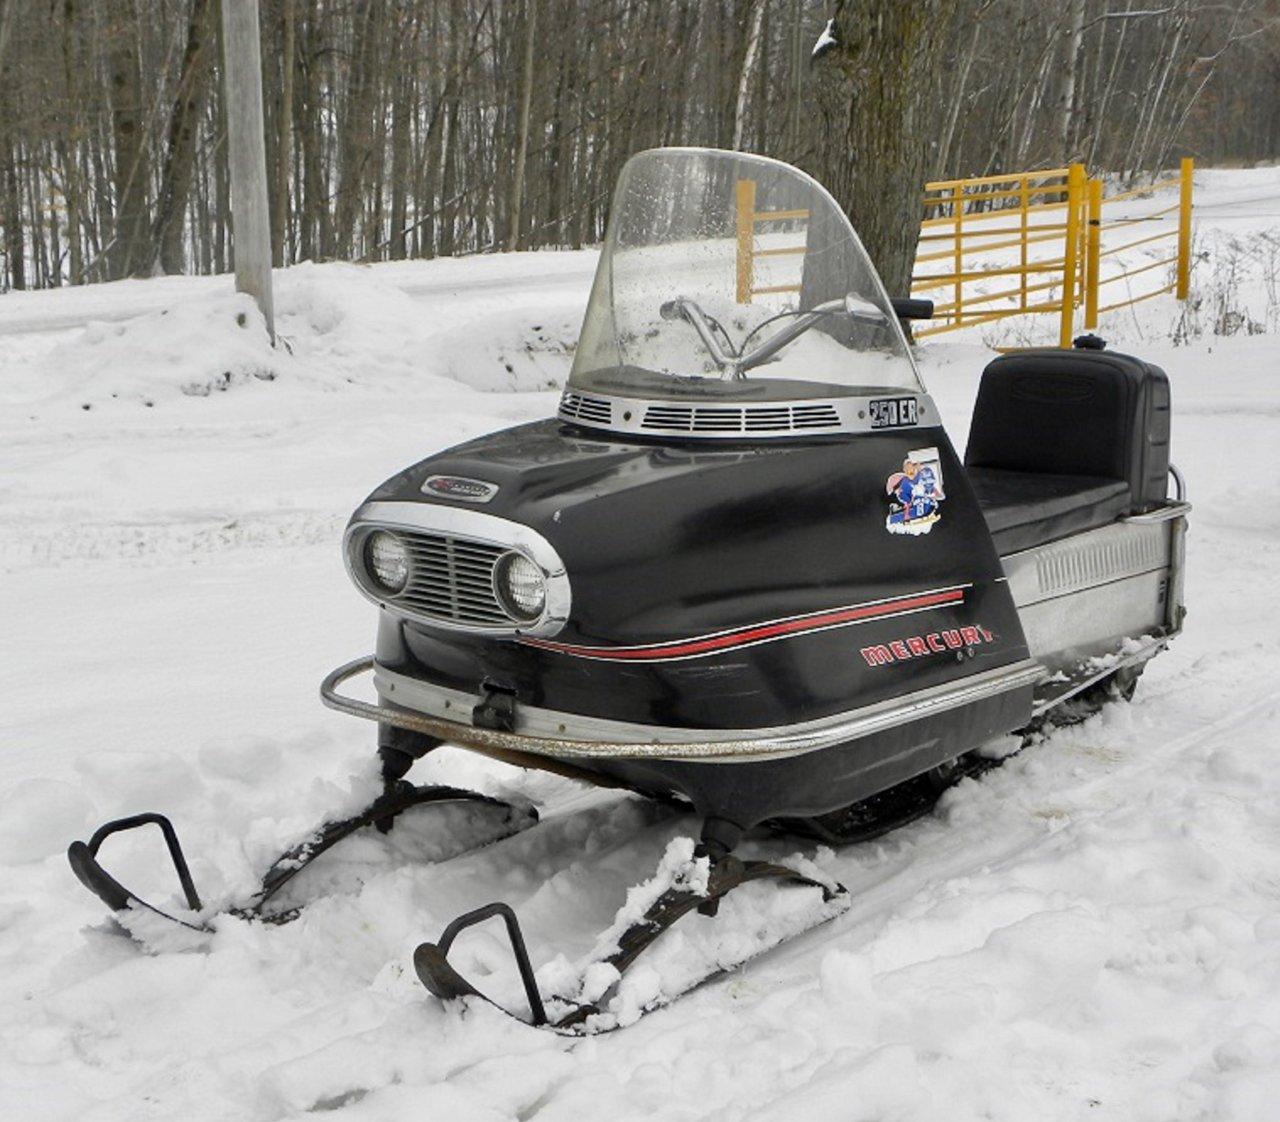 1972 snowmobile